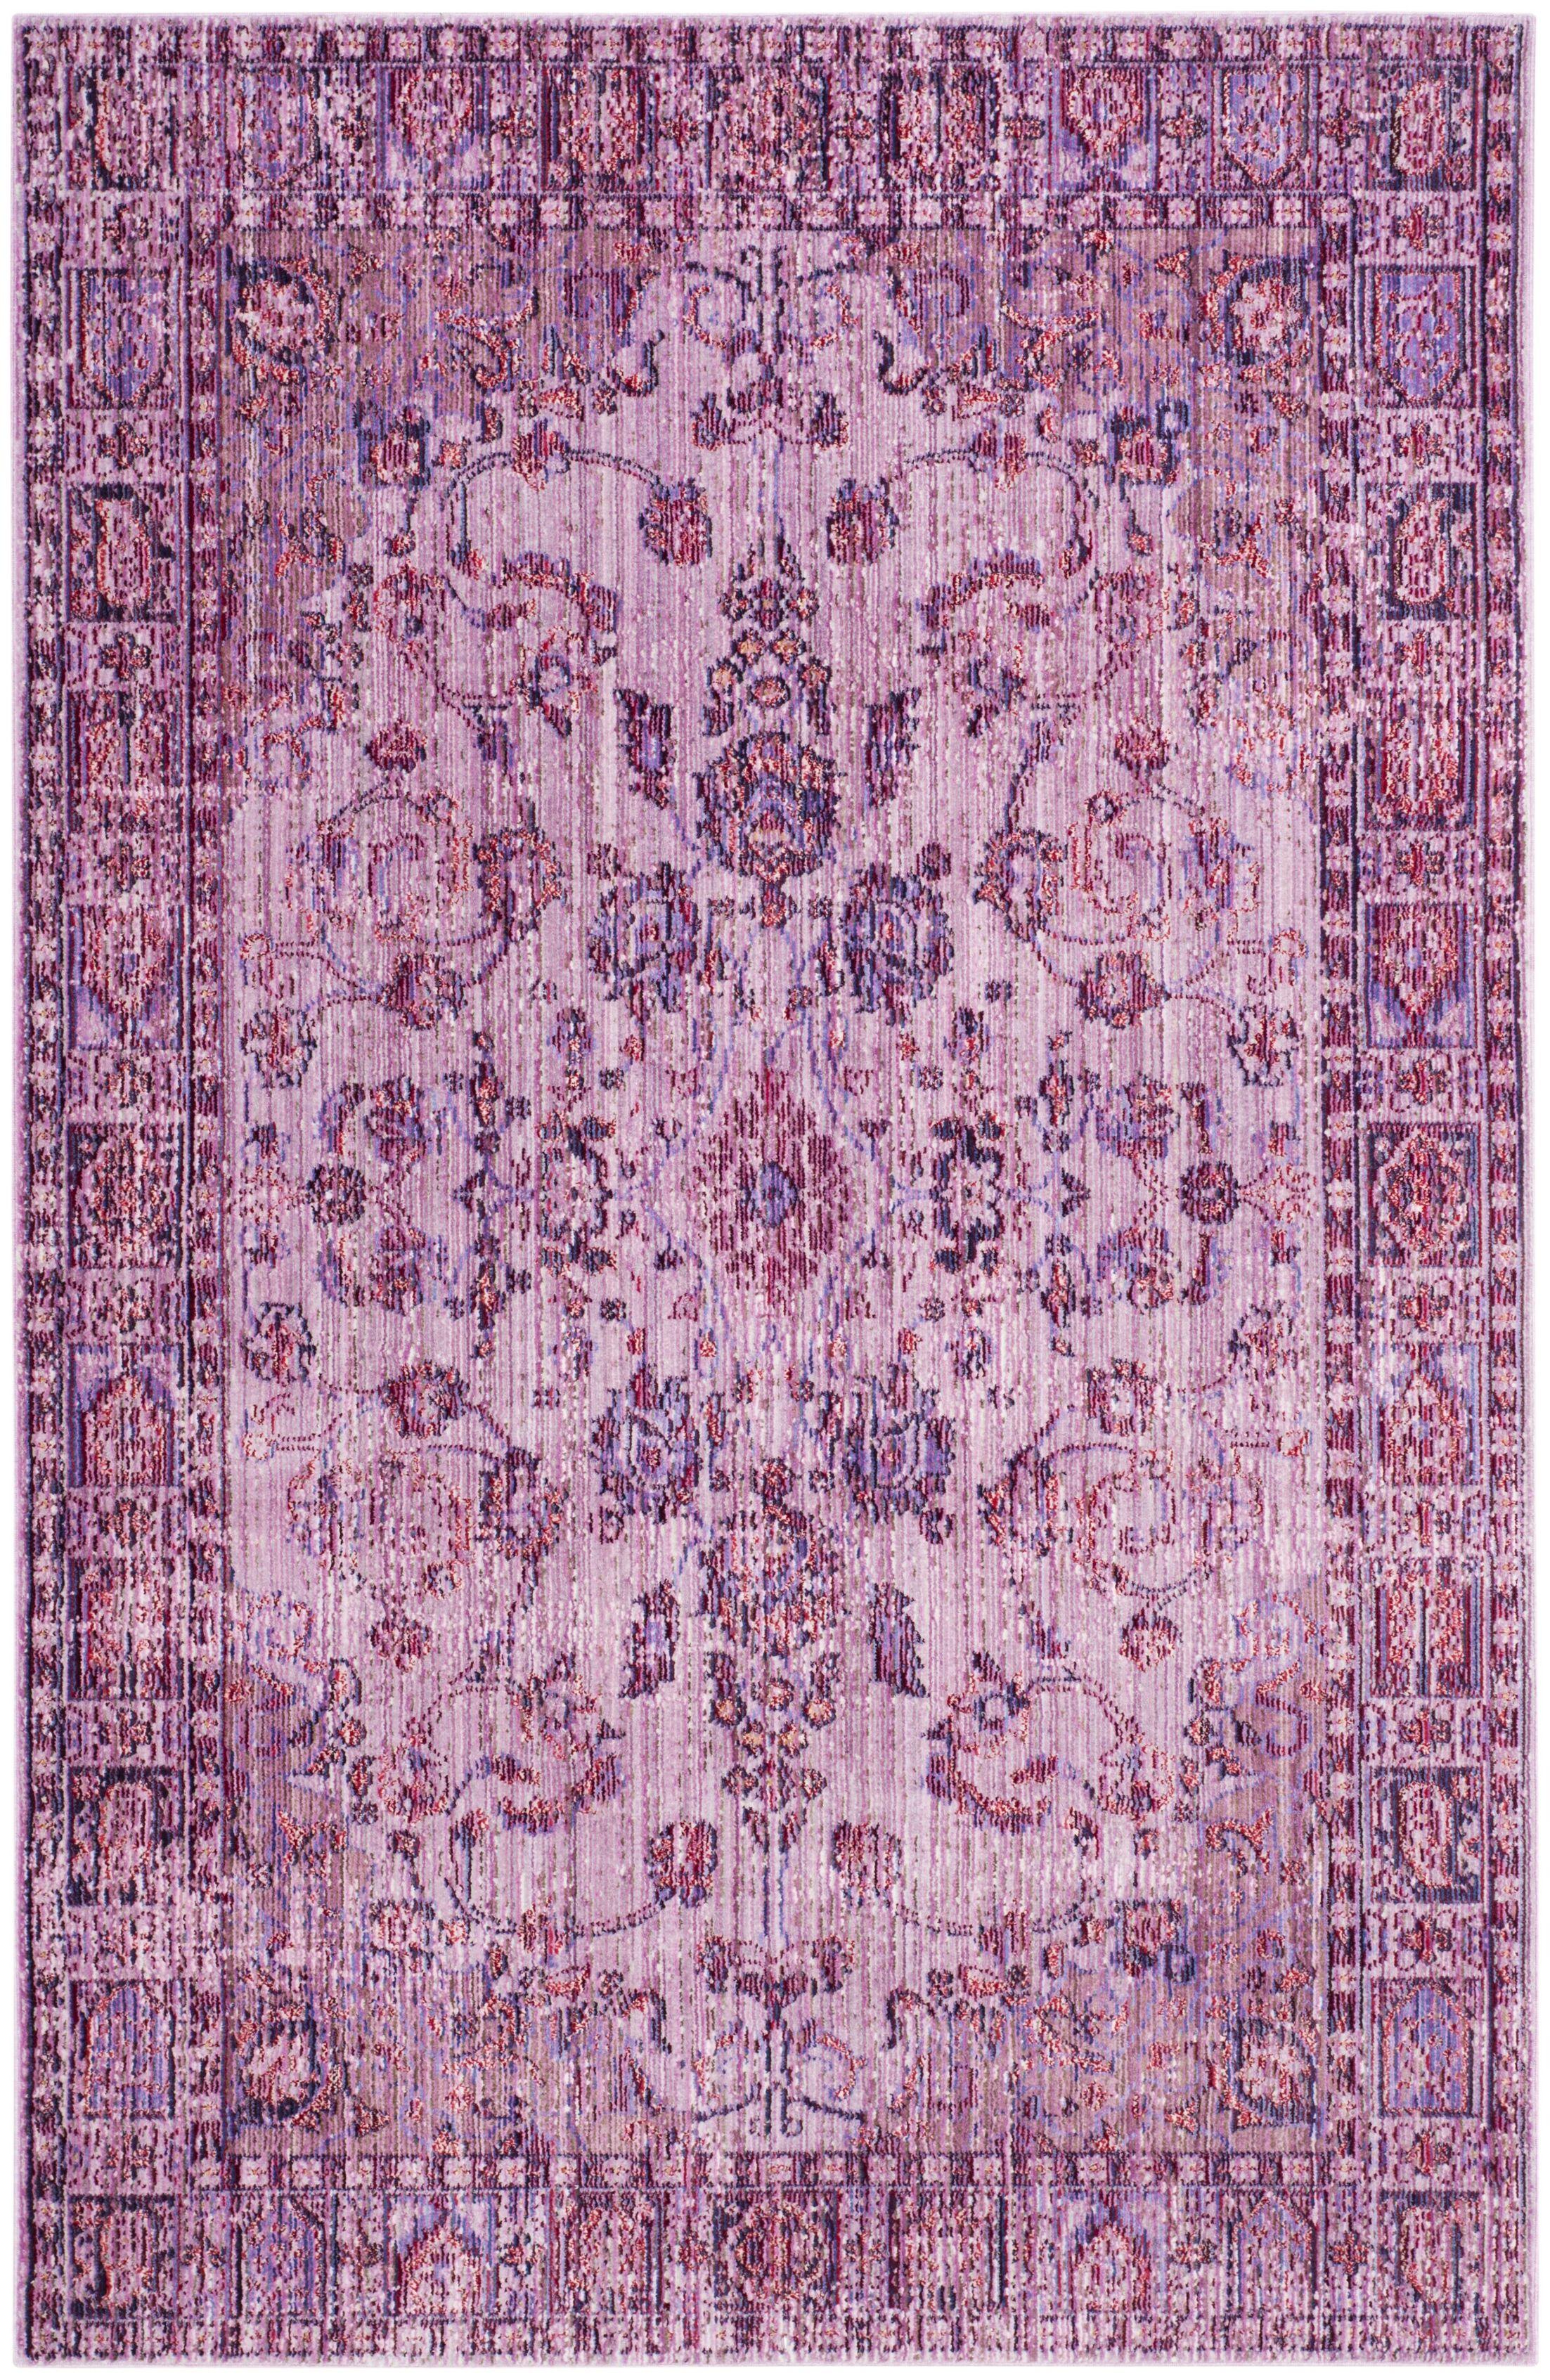 Privette Oriental Purple Area Rug Rug Size: Rectangle 5' x 8'